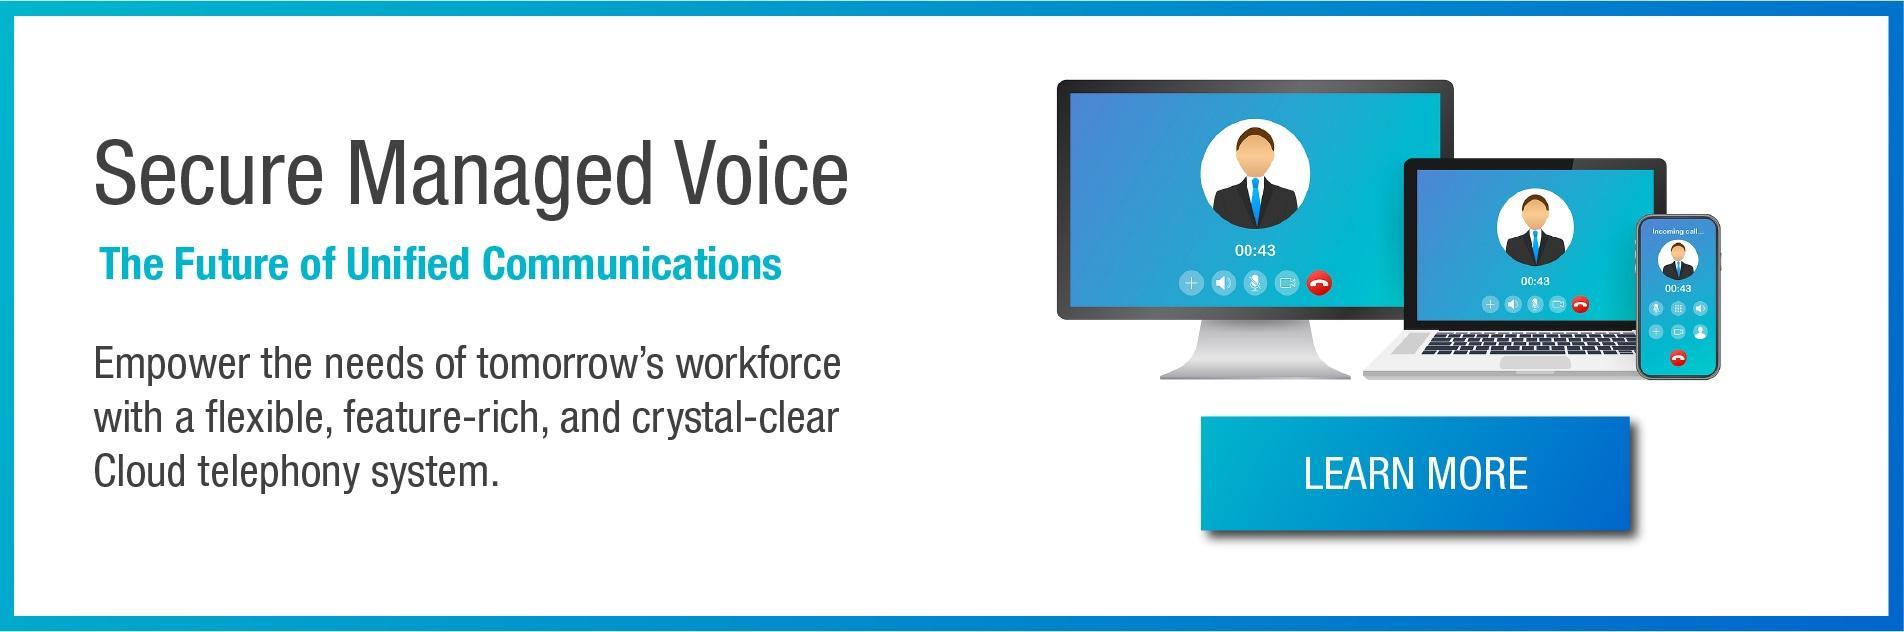 Répondez aux besoins de la main-d'œuvre de demain avec un système de téléphonie cloud flexible, riche en fonctionnalités et clair comme du cristal.